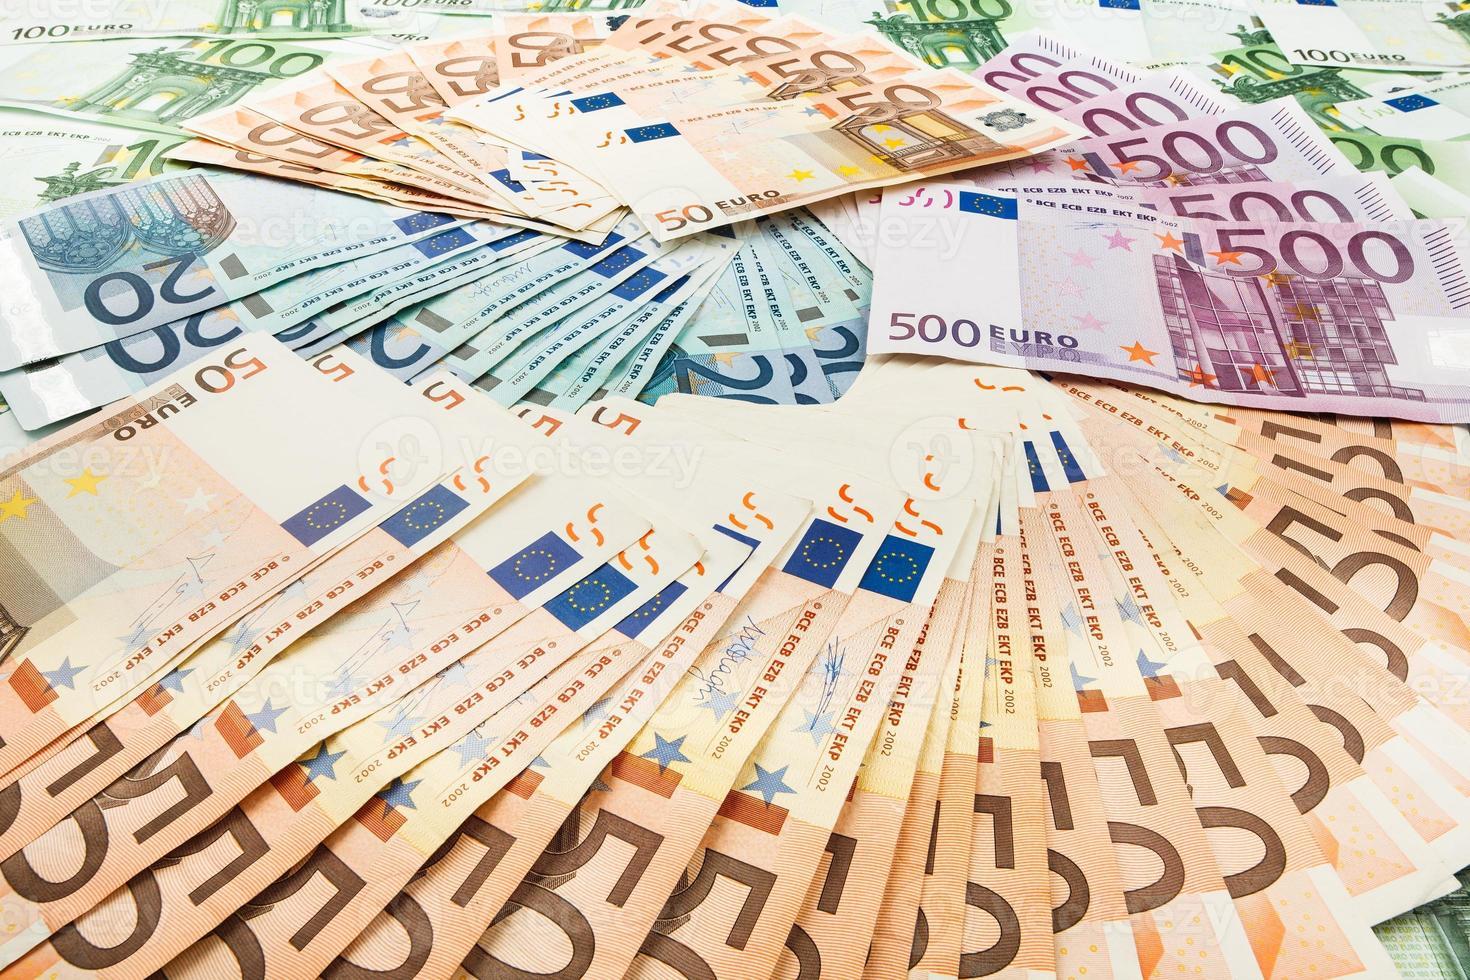 Papiergeld Euro. Hintergrund der Banknoten foto